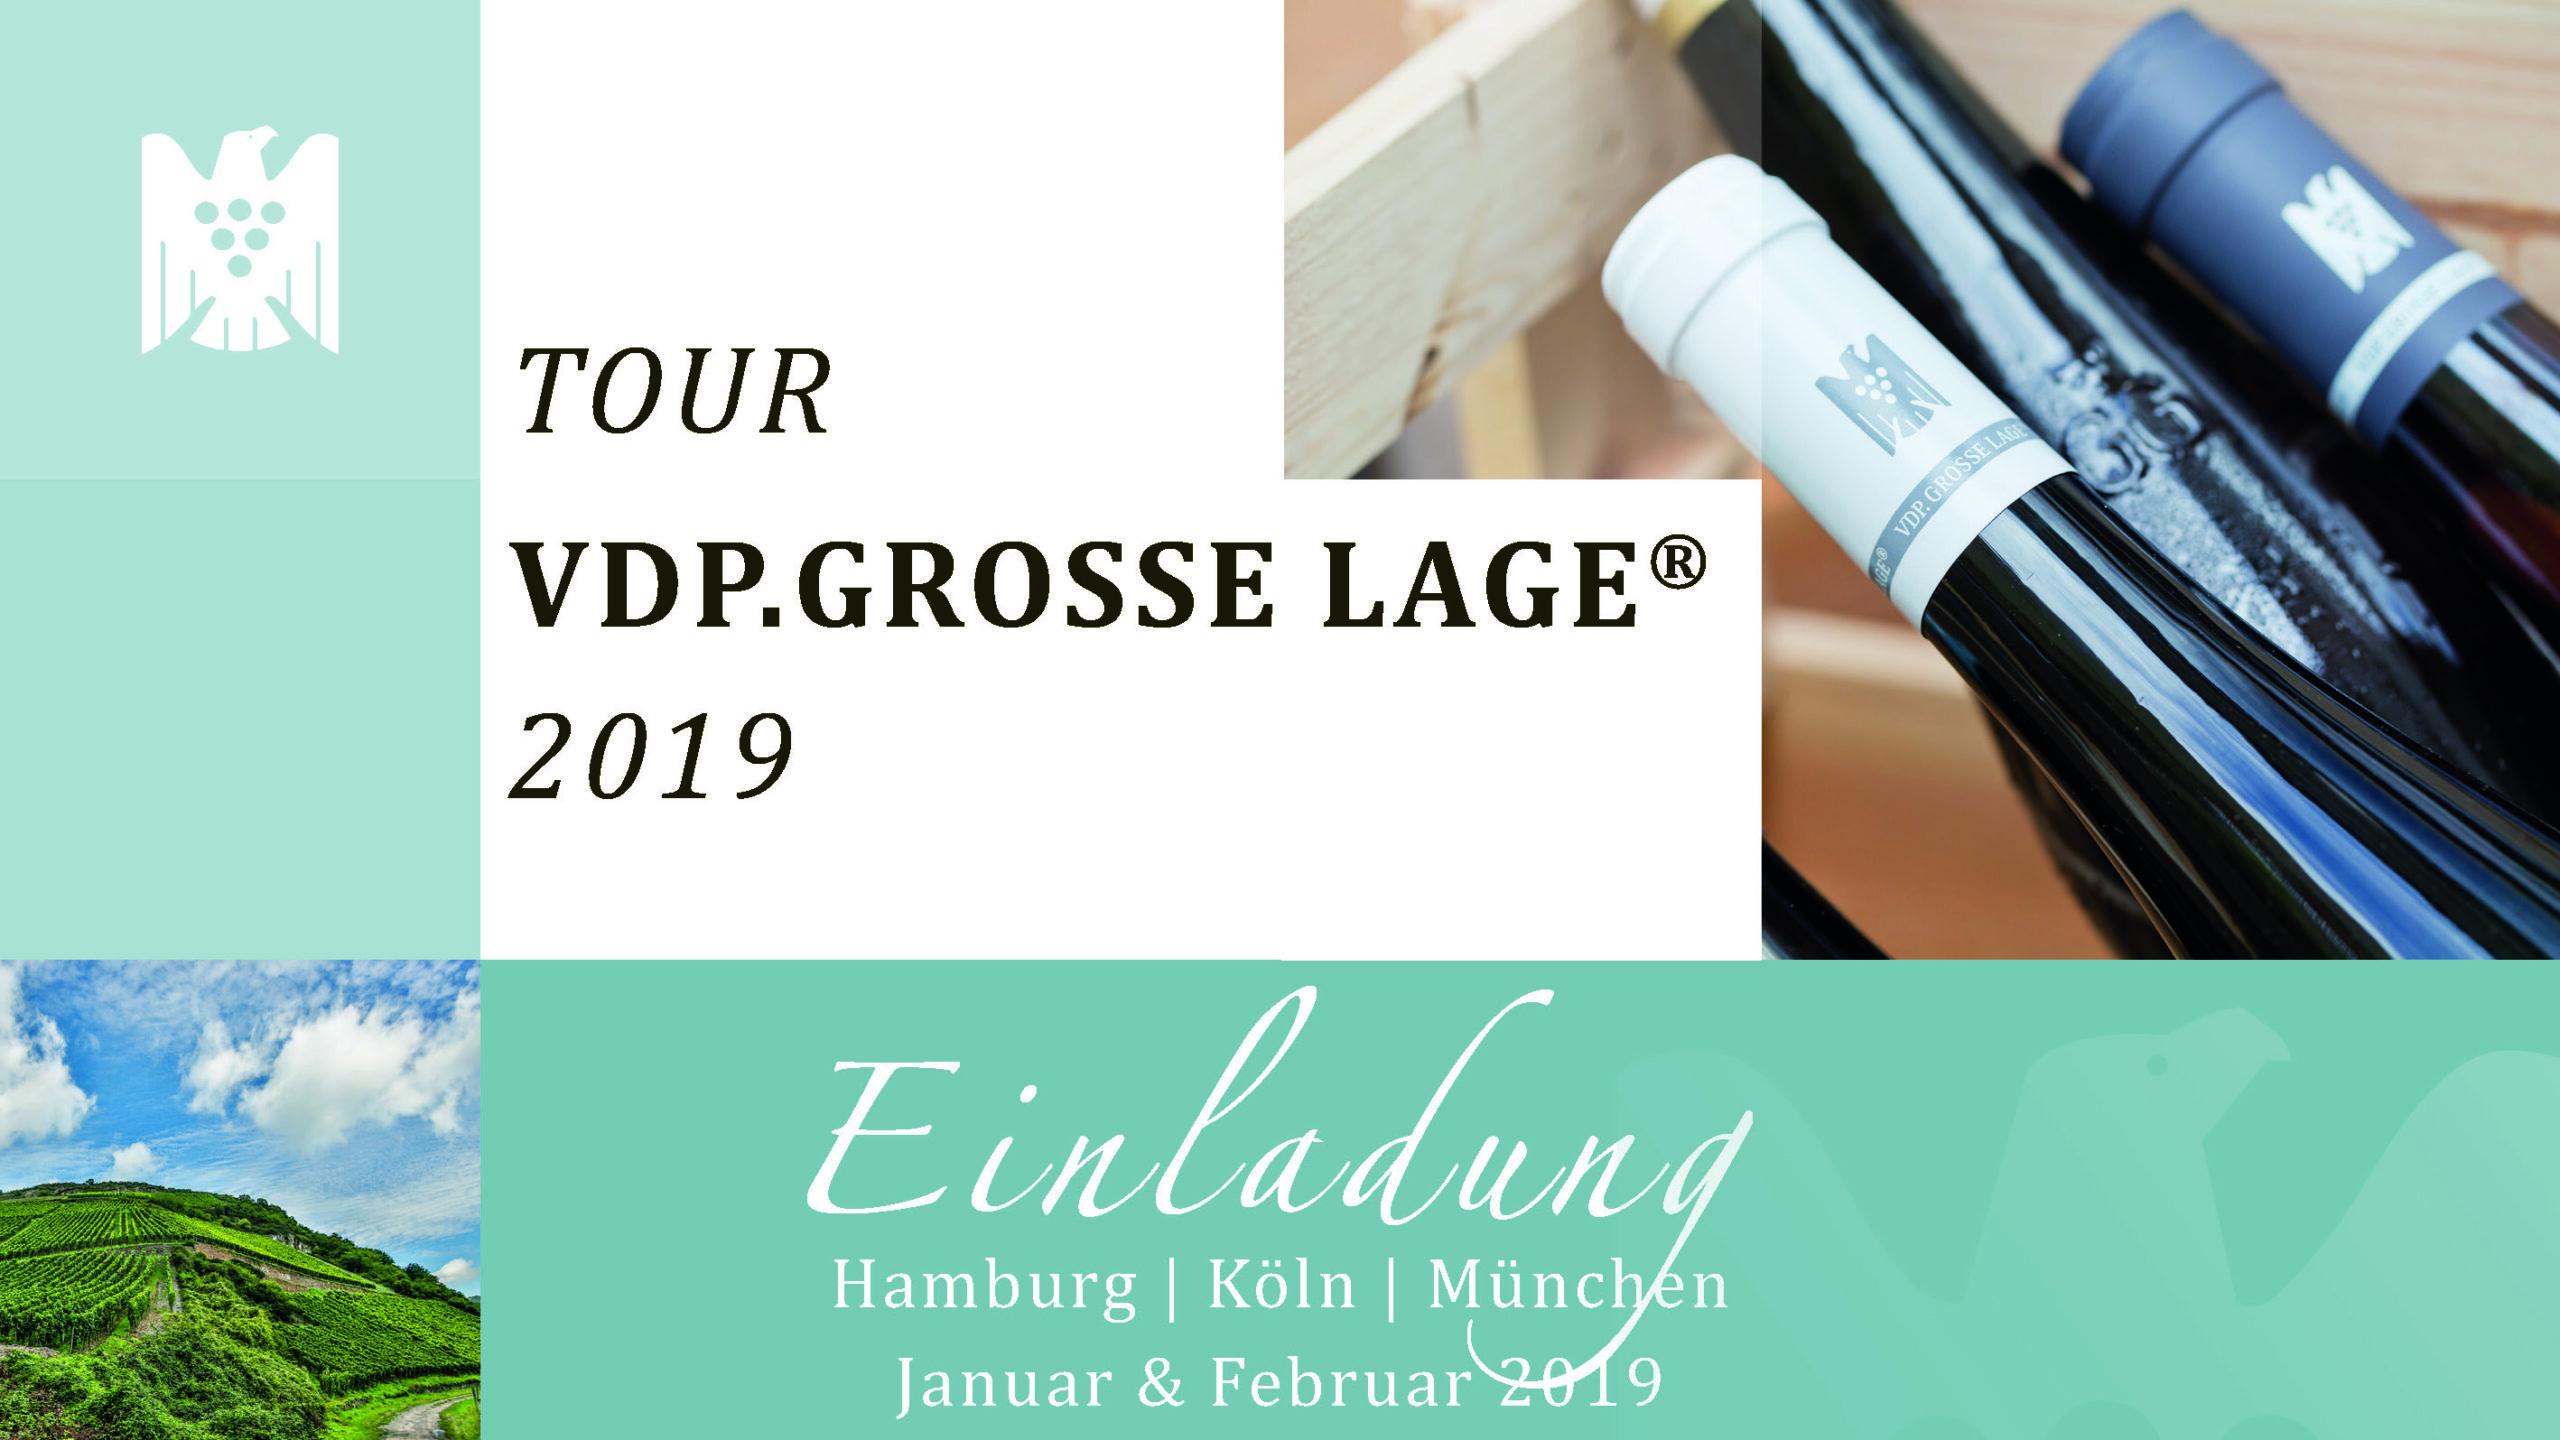 VDP.GROSSE LAGE on Tour - Köln